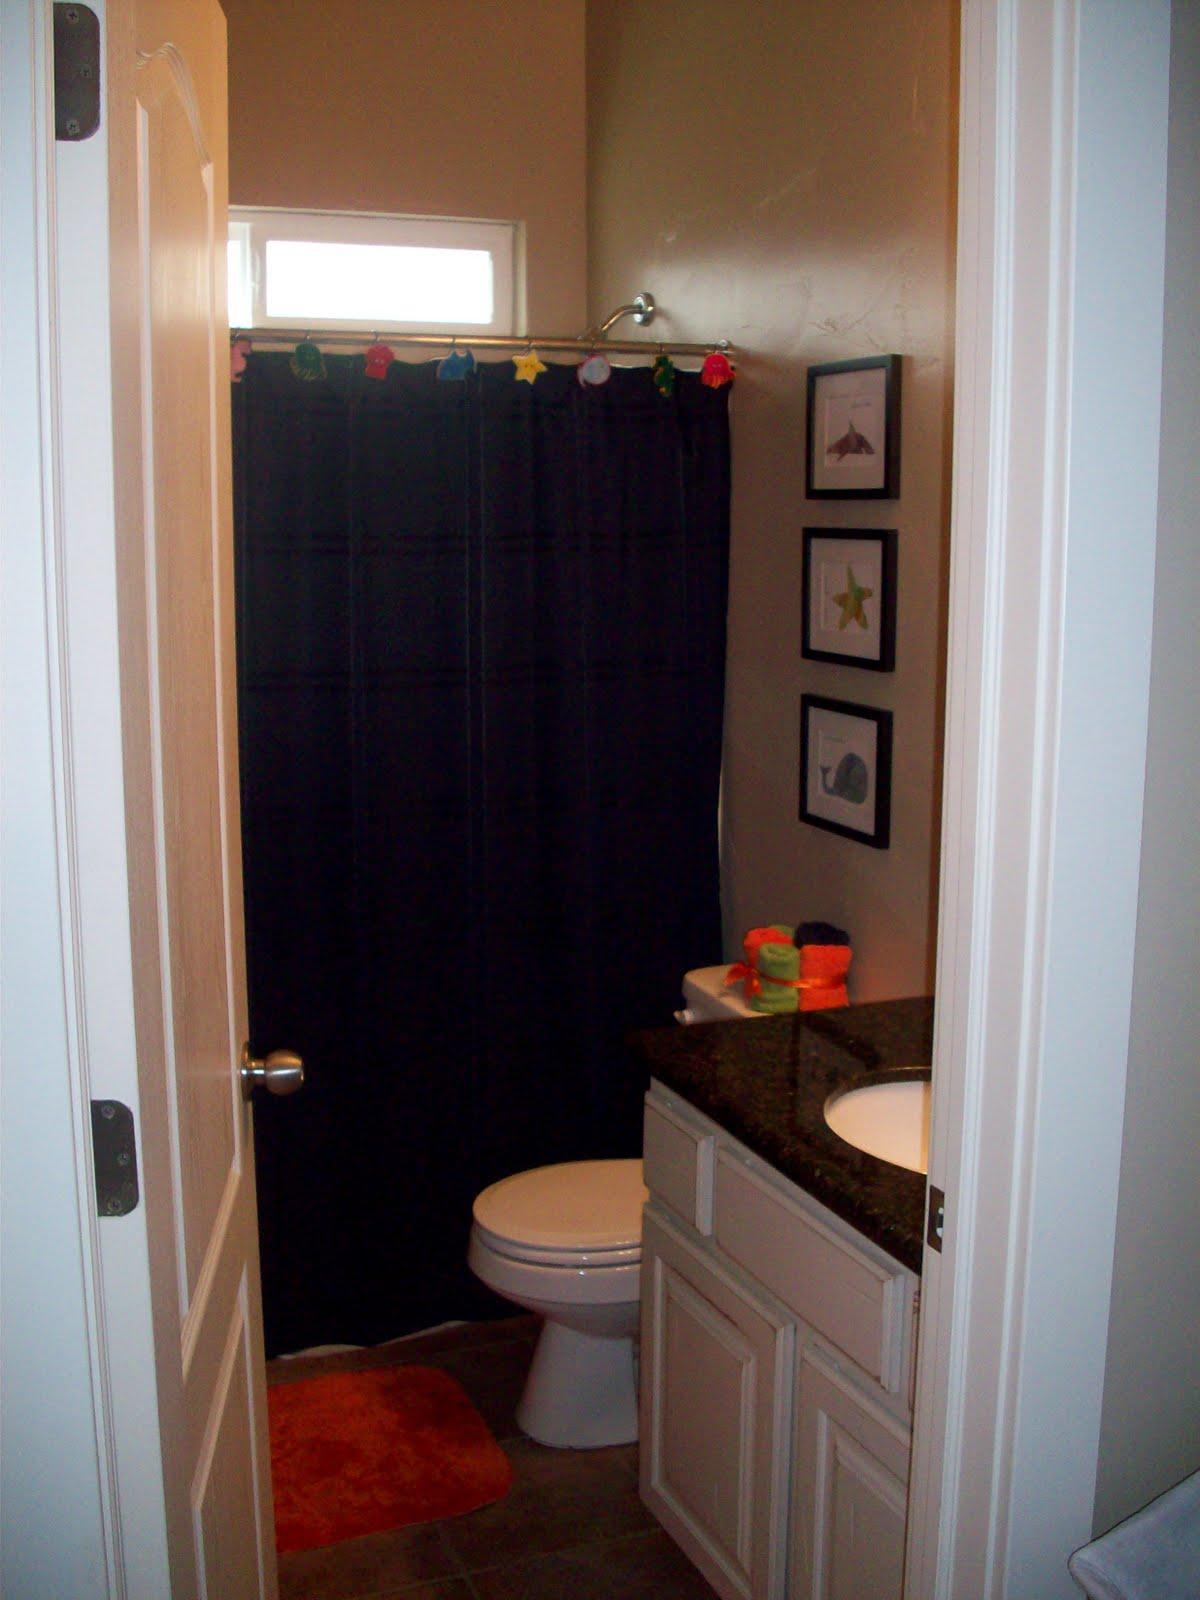 [Bathroom+for+the+Boys.JPG]